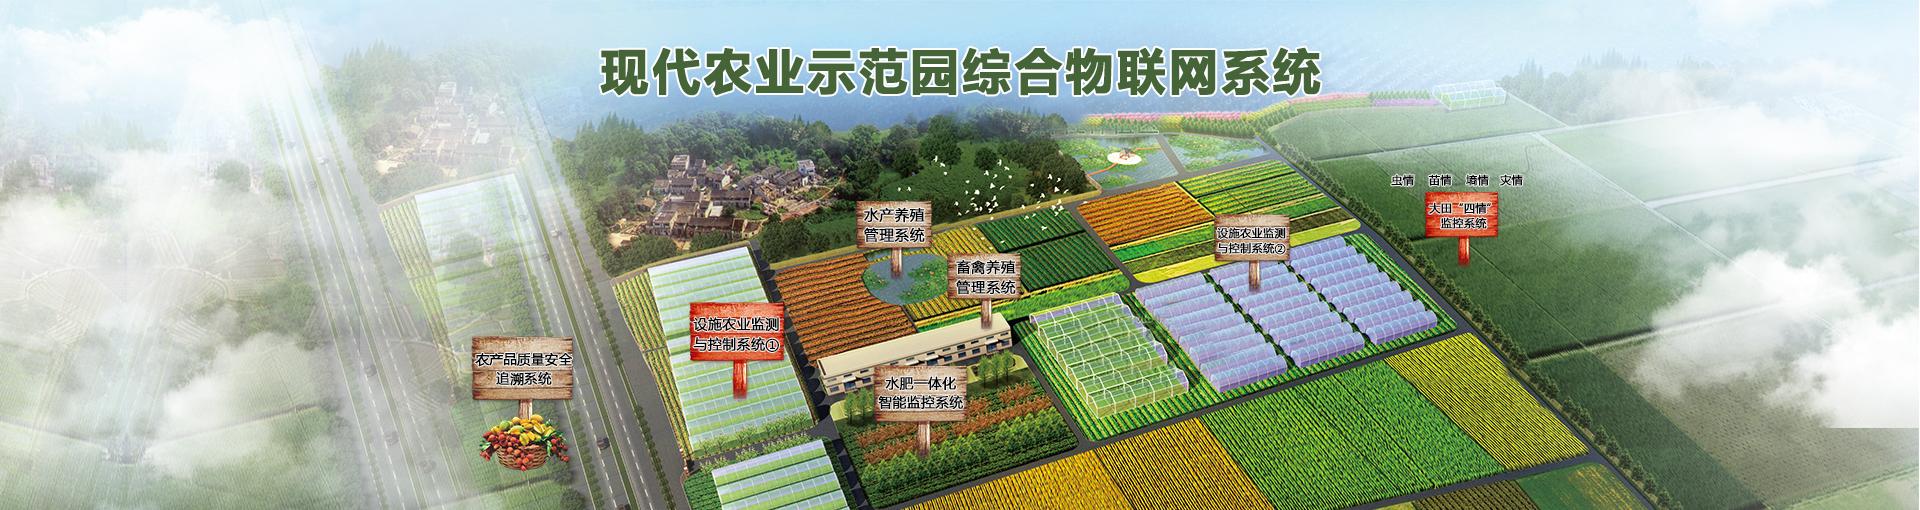 托普云农农业物联网示范系统